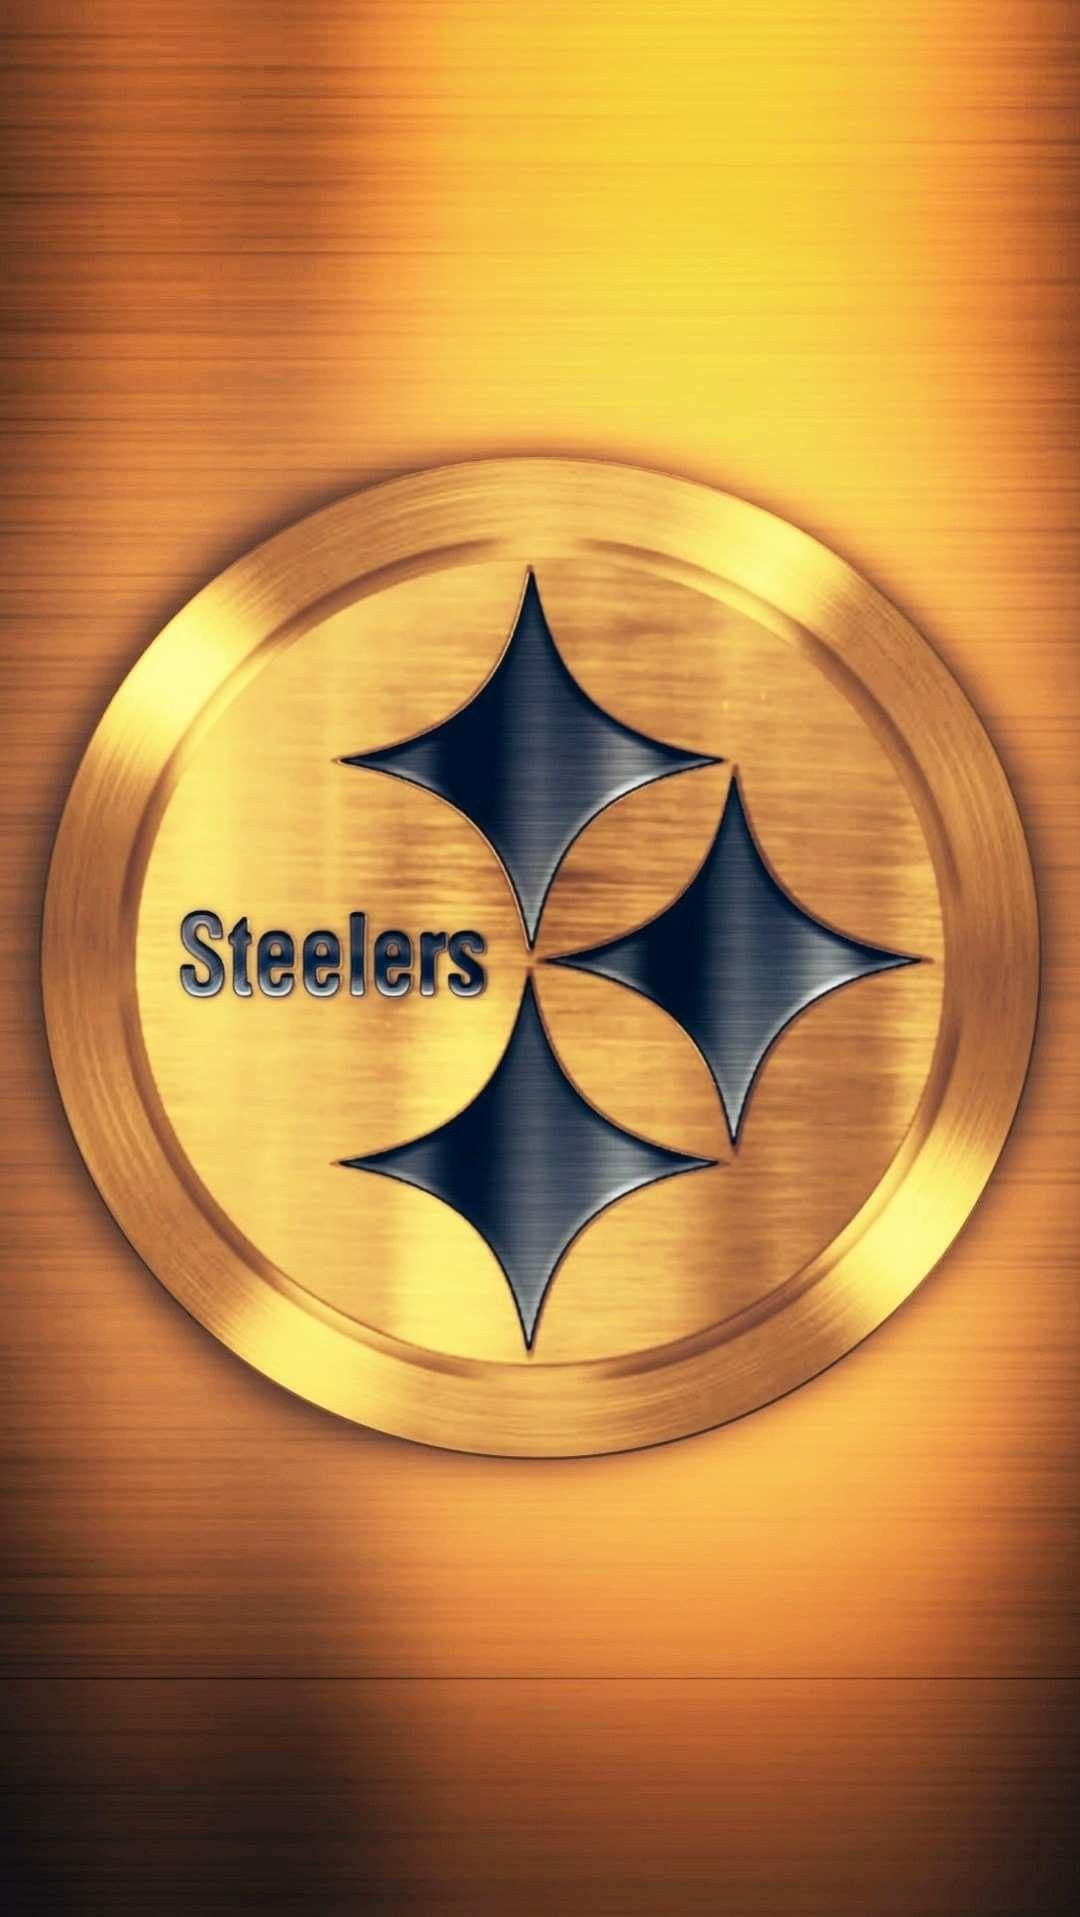 Pittsburgh Steelers Wallpaper Pittsburgh Steelers Wallpaper Pittsburgh Steelers Logo Pittsburgh Steelers Game